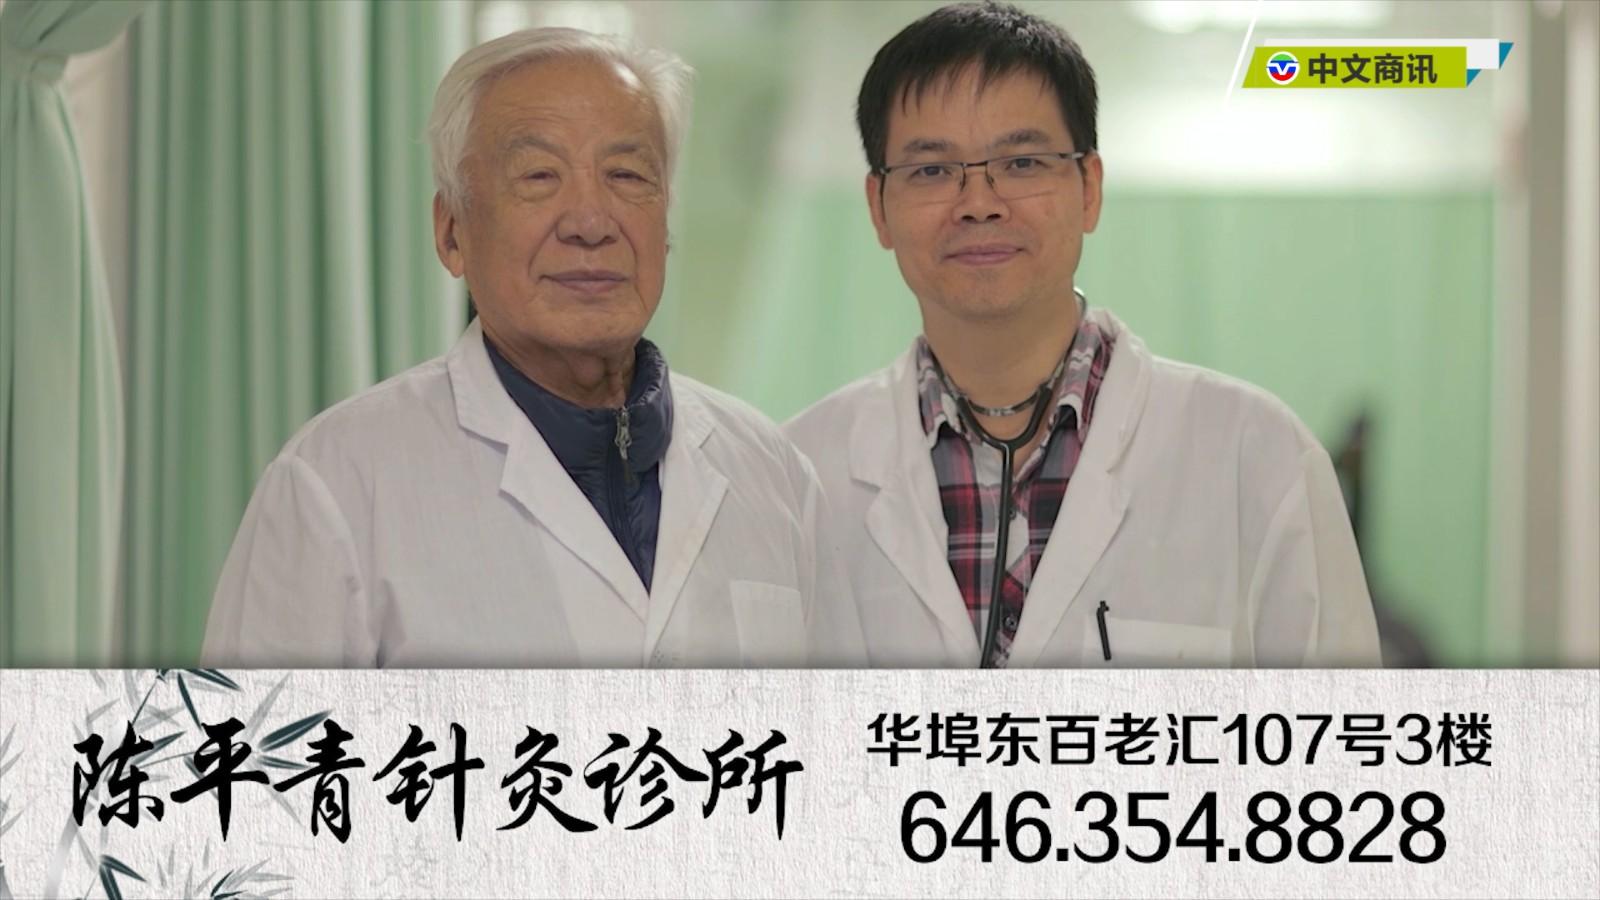 【视频】焦顺发和陈平青针灸师专治疑难病症